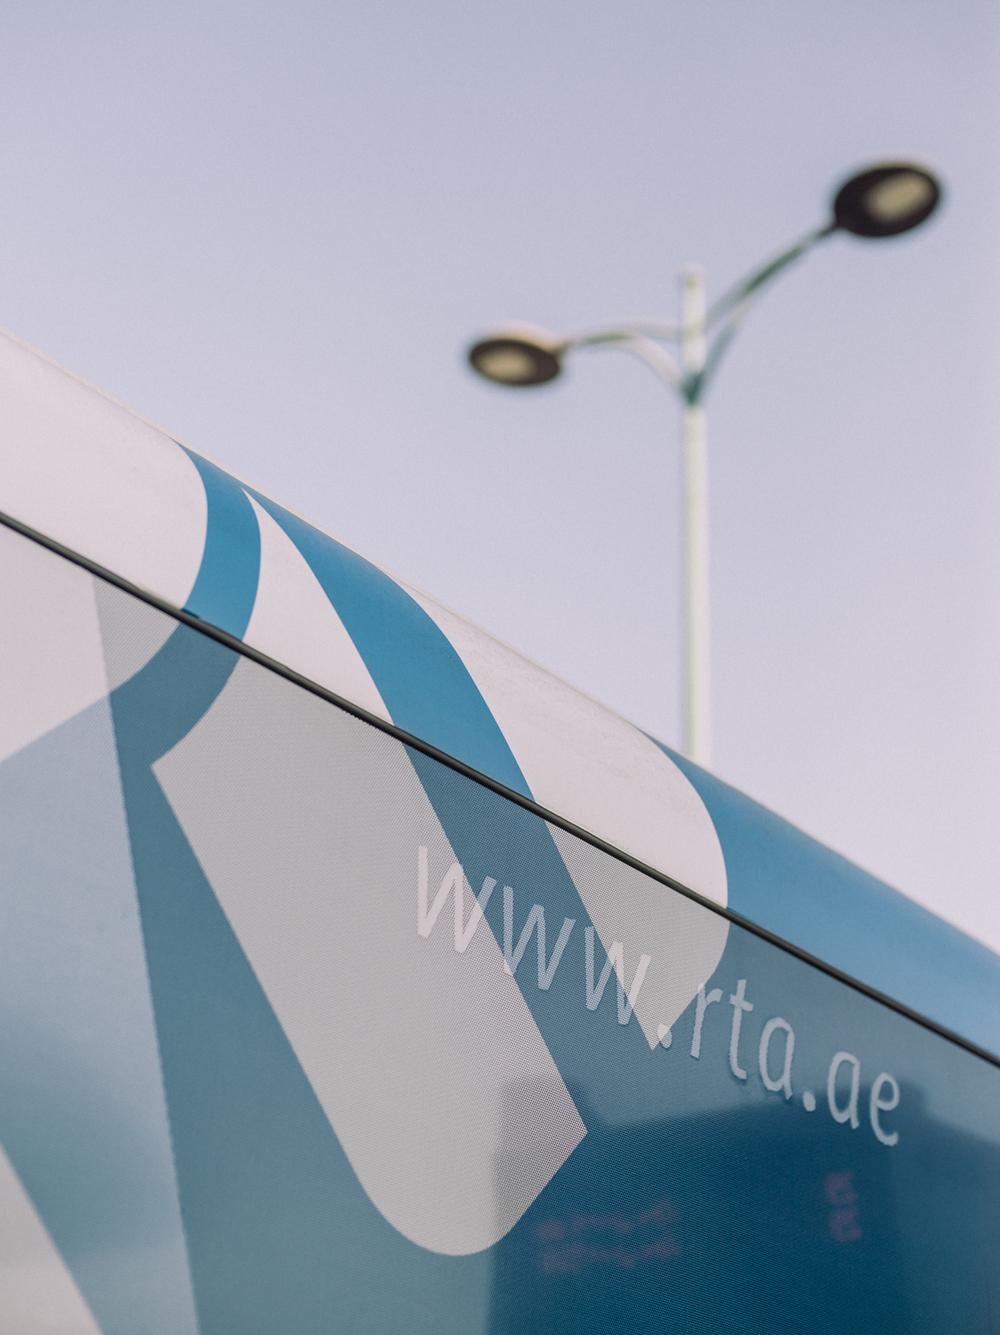 AA_1214_DubaiTourism-4.jpg